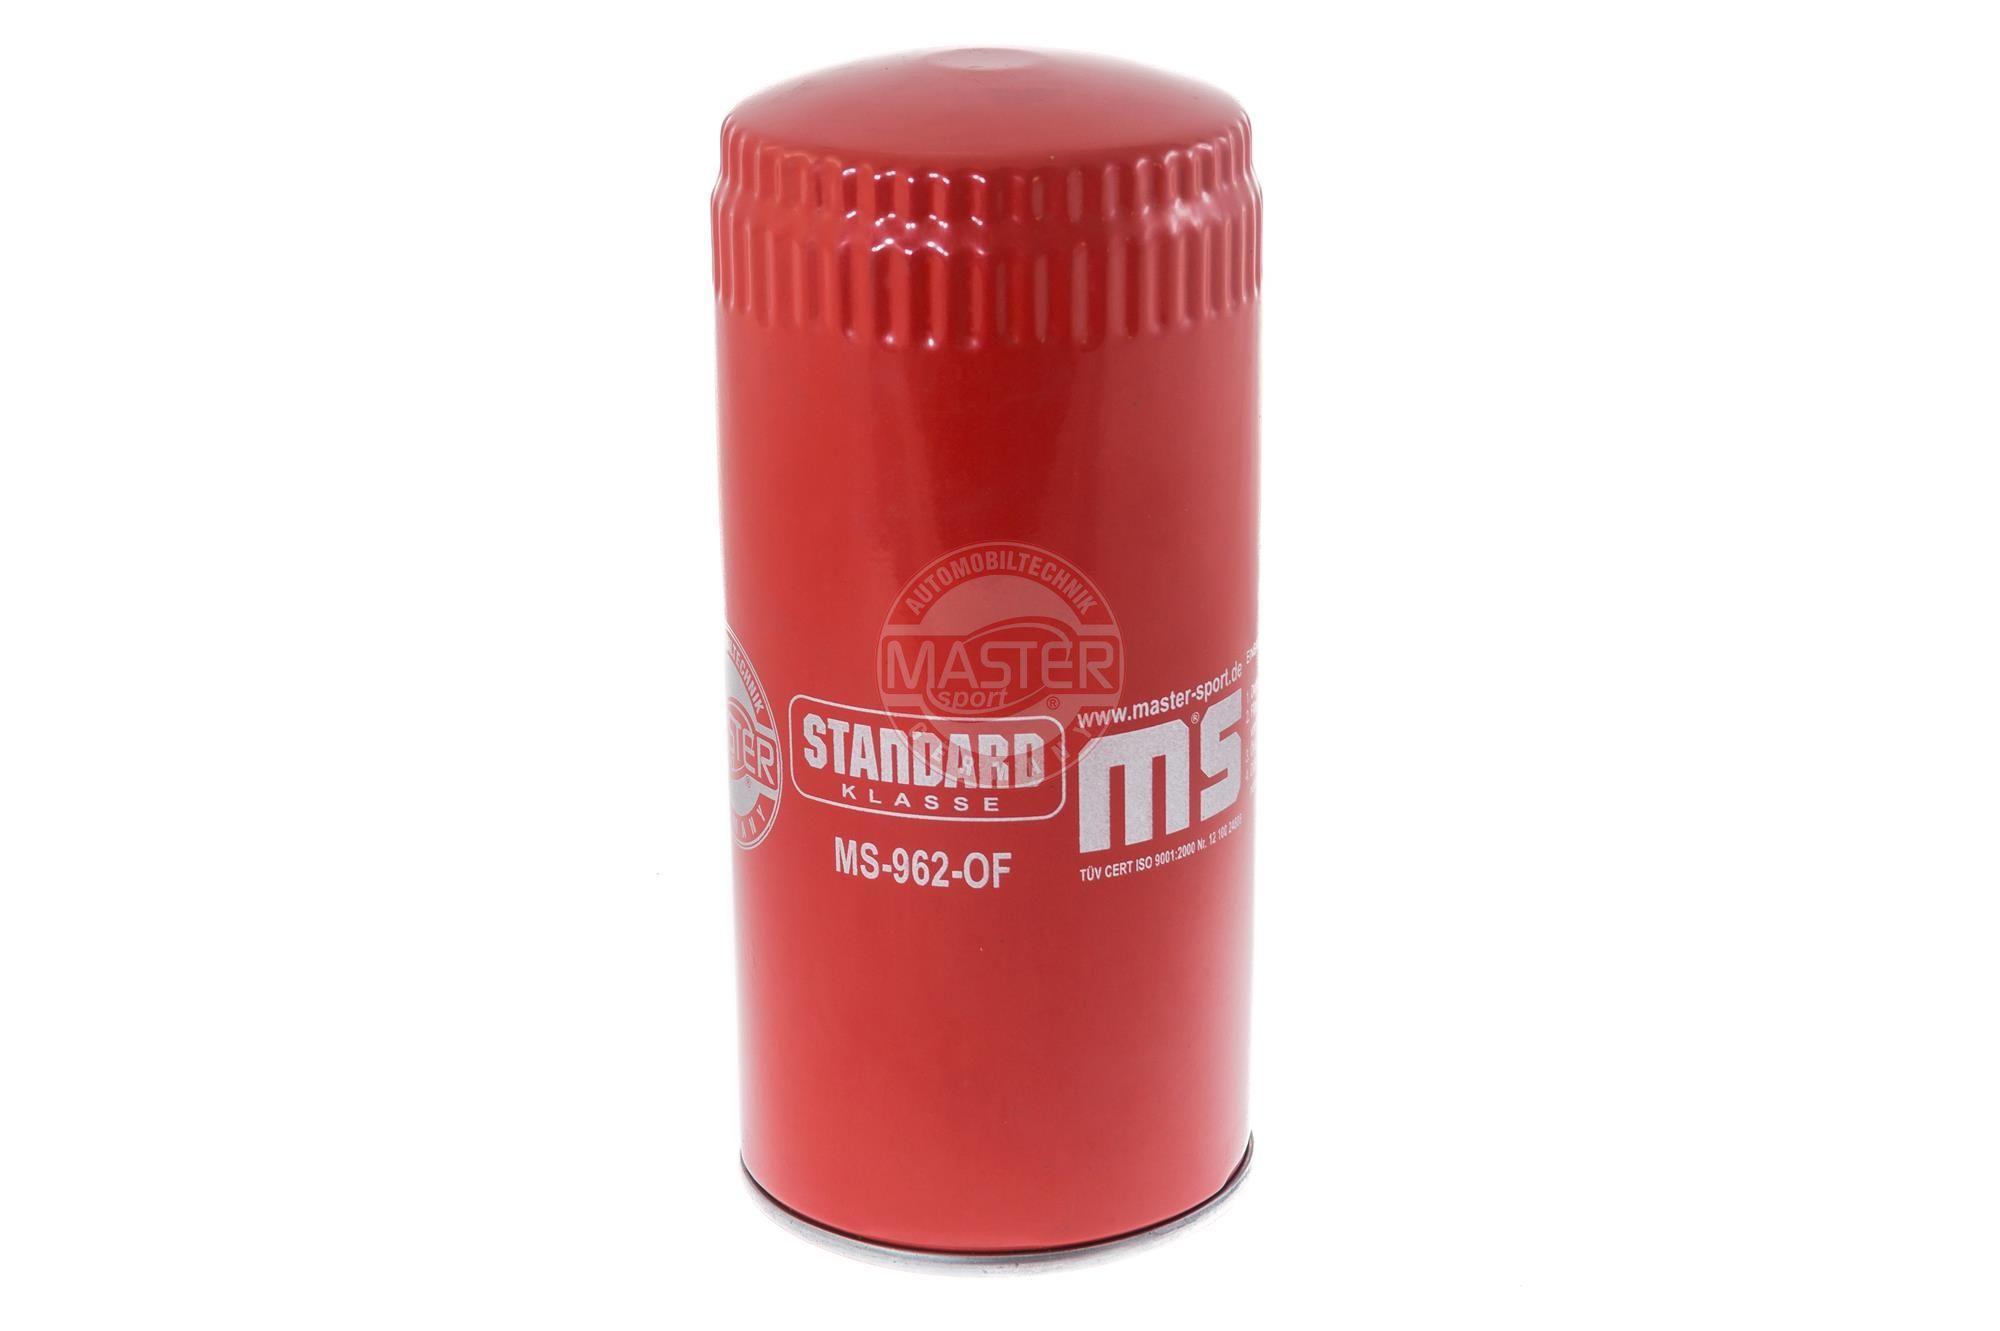 Ölfilter MASTER-SPORT 962-OF-PCS-MS Bewertungen